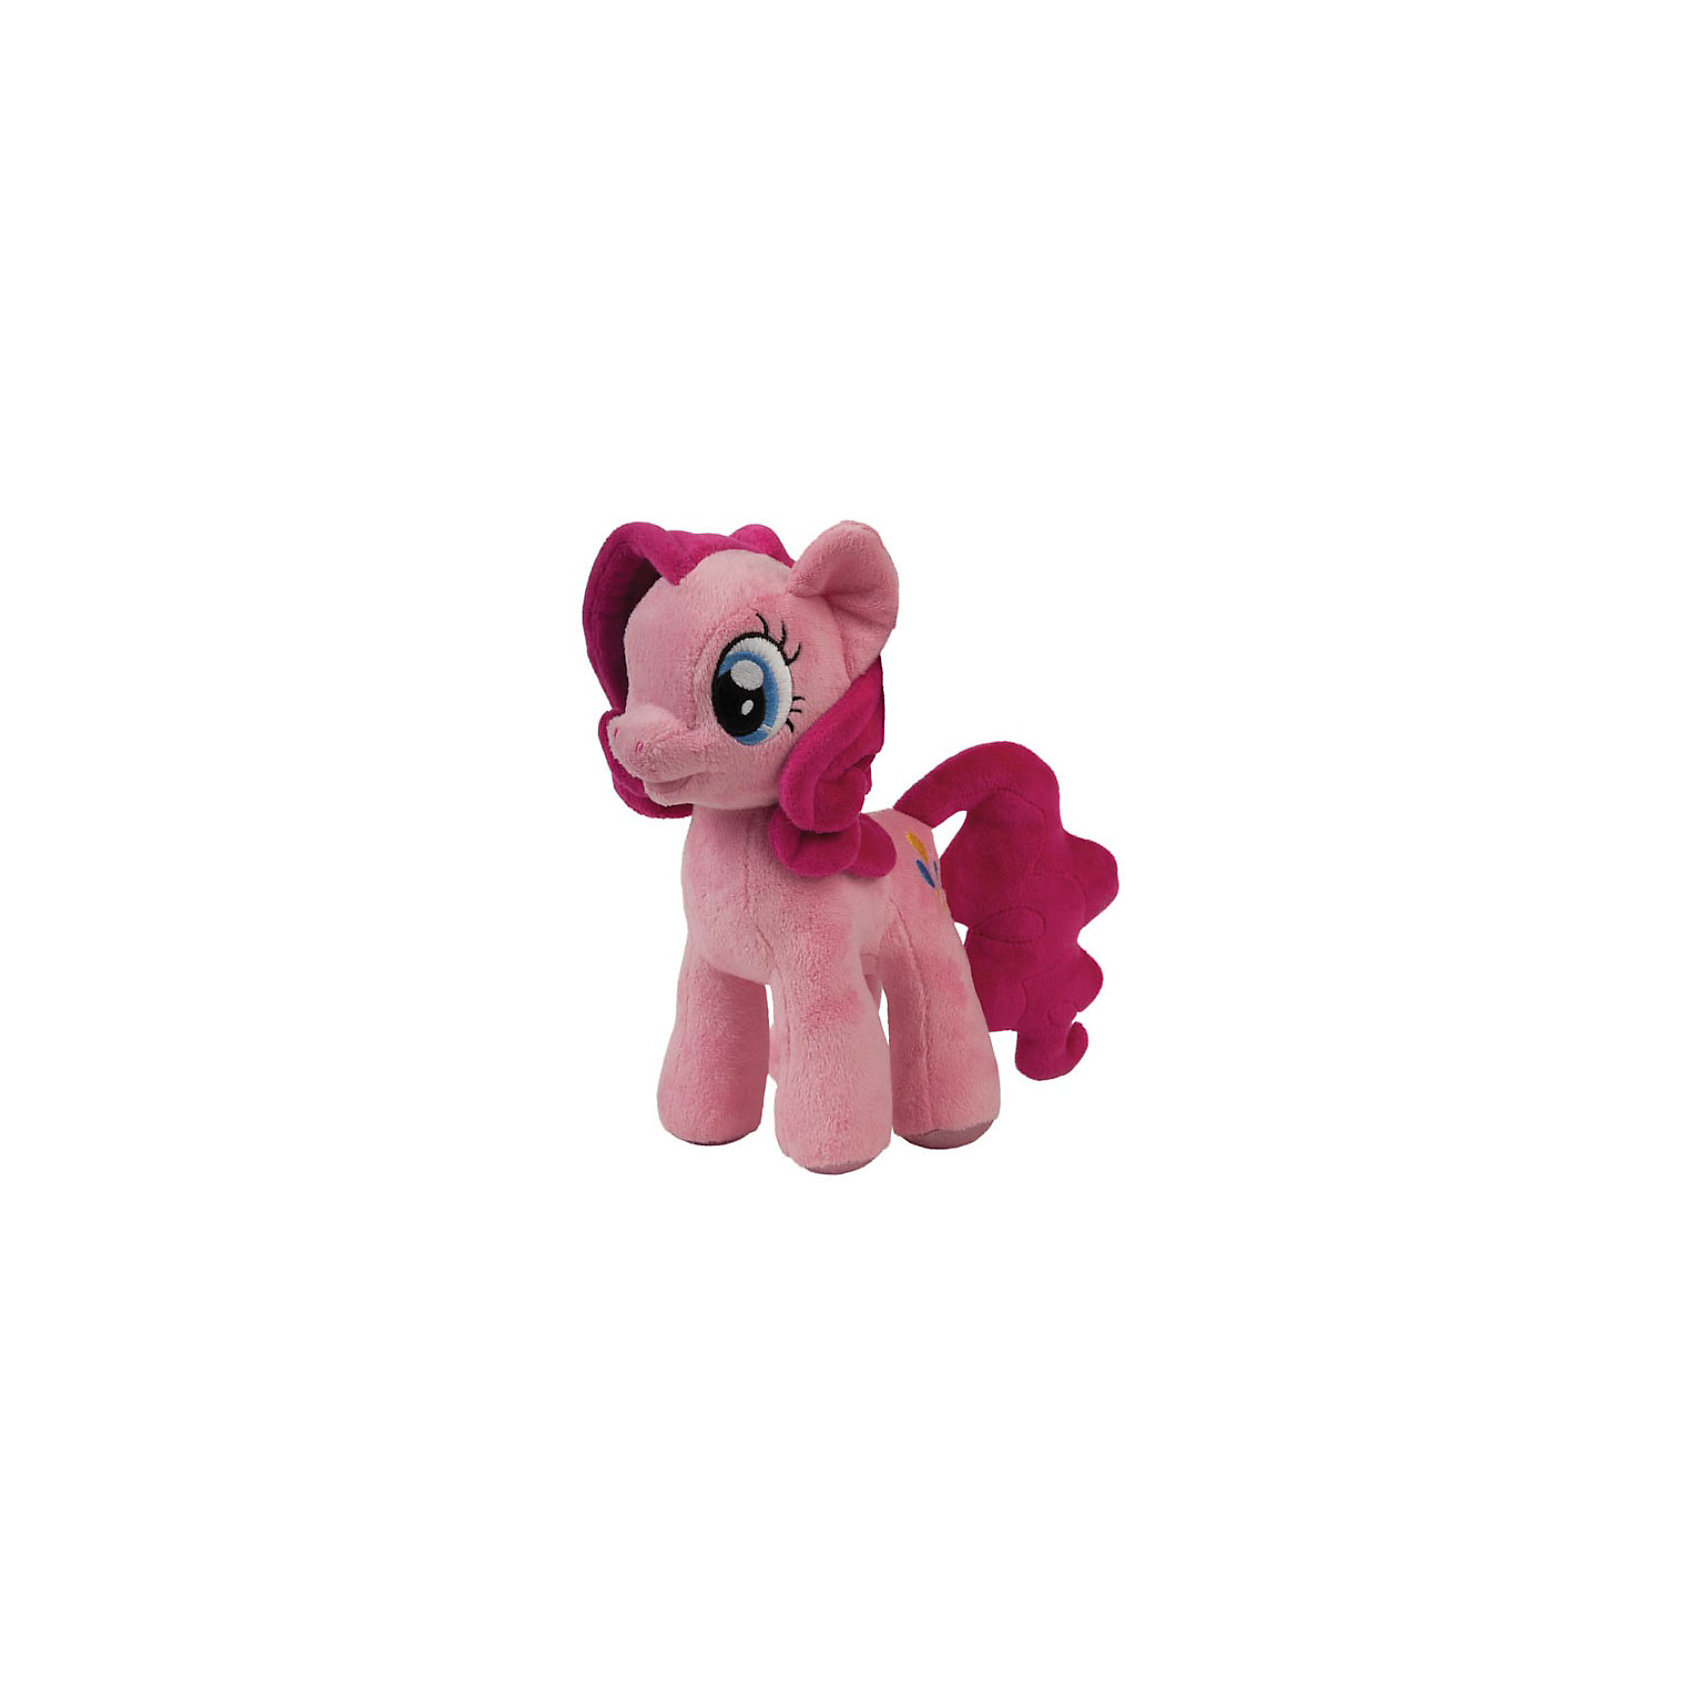 МУЛЬТИ-ПУЛЬТИ Пони Пинки Пай, со светом и звуком, My little Pony, МУЛЬТИ-ПУЛЬТИ мульти пульти мягкая игрушка серый мышонок 23 см со звуком кот леопольд мульти пульти